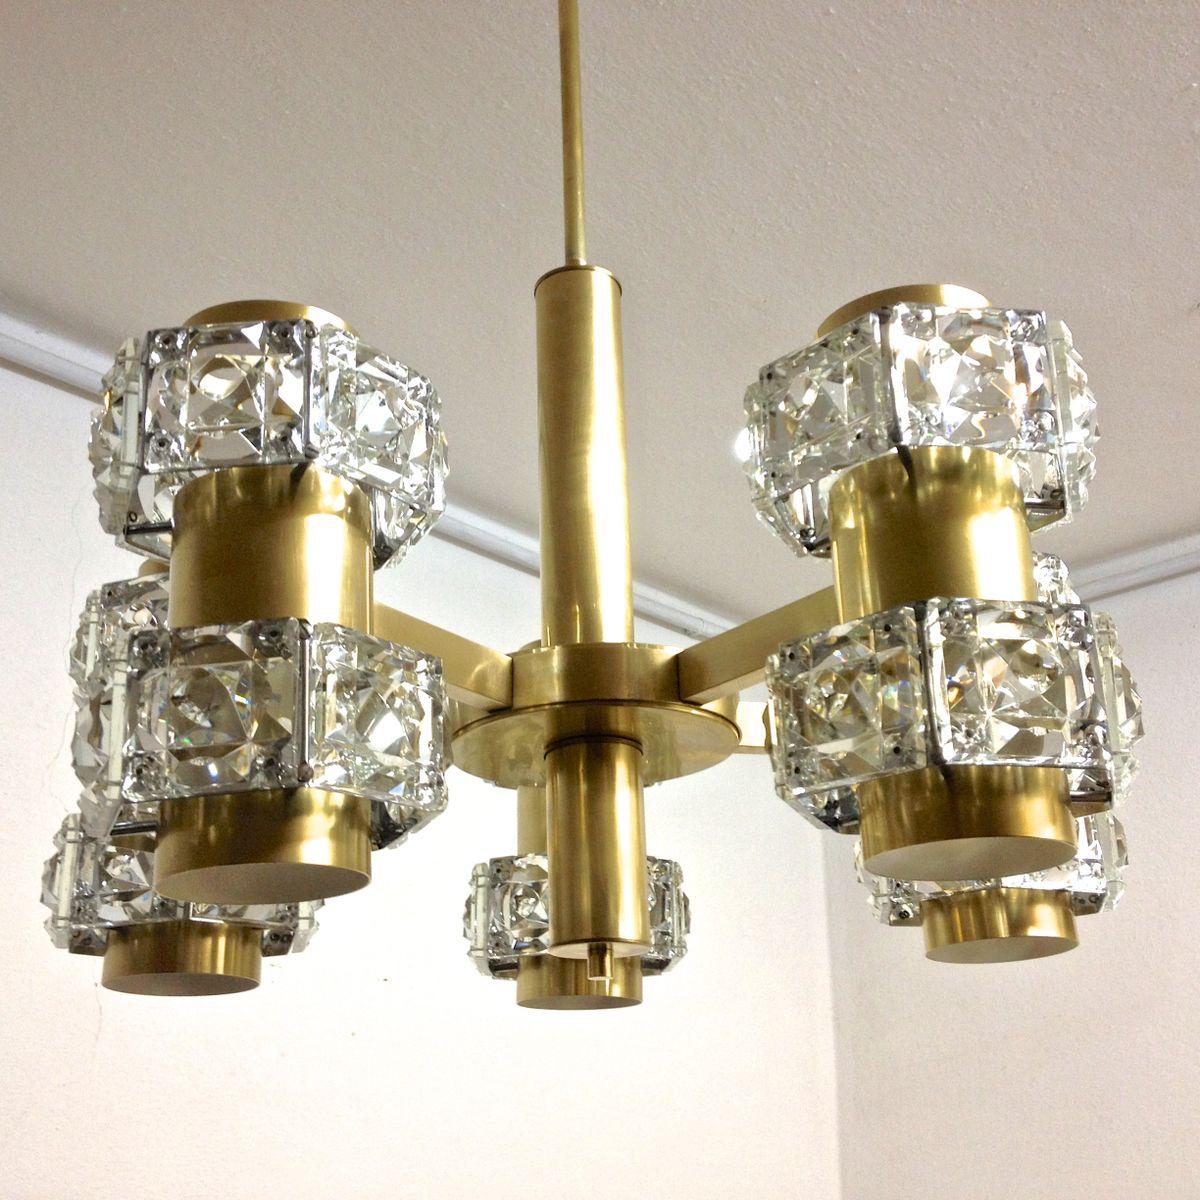 kristall und messing kronleuchter mit multiplen leuchten. Black Bedroom Furniture Sets. Home Design Ideas